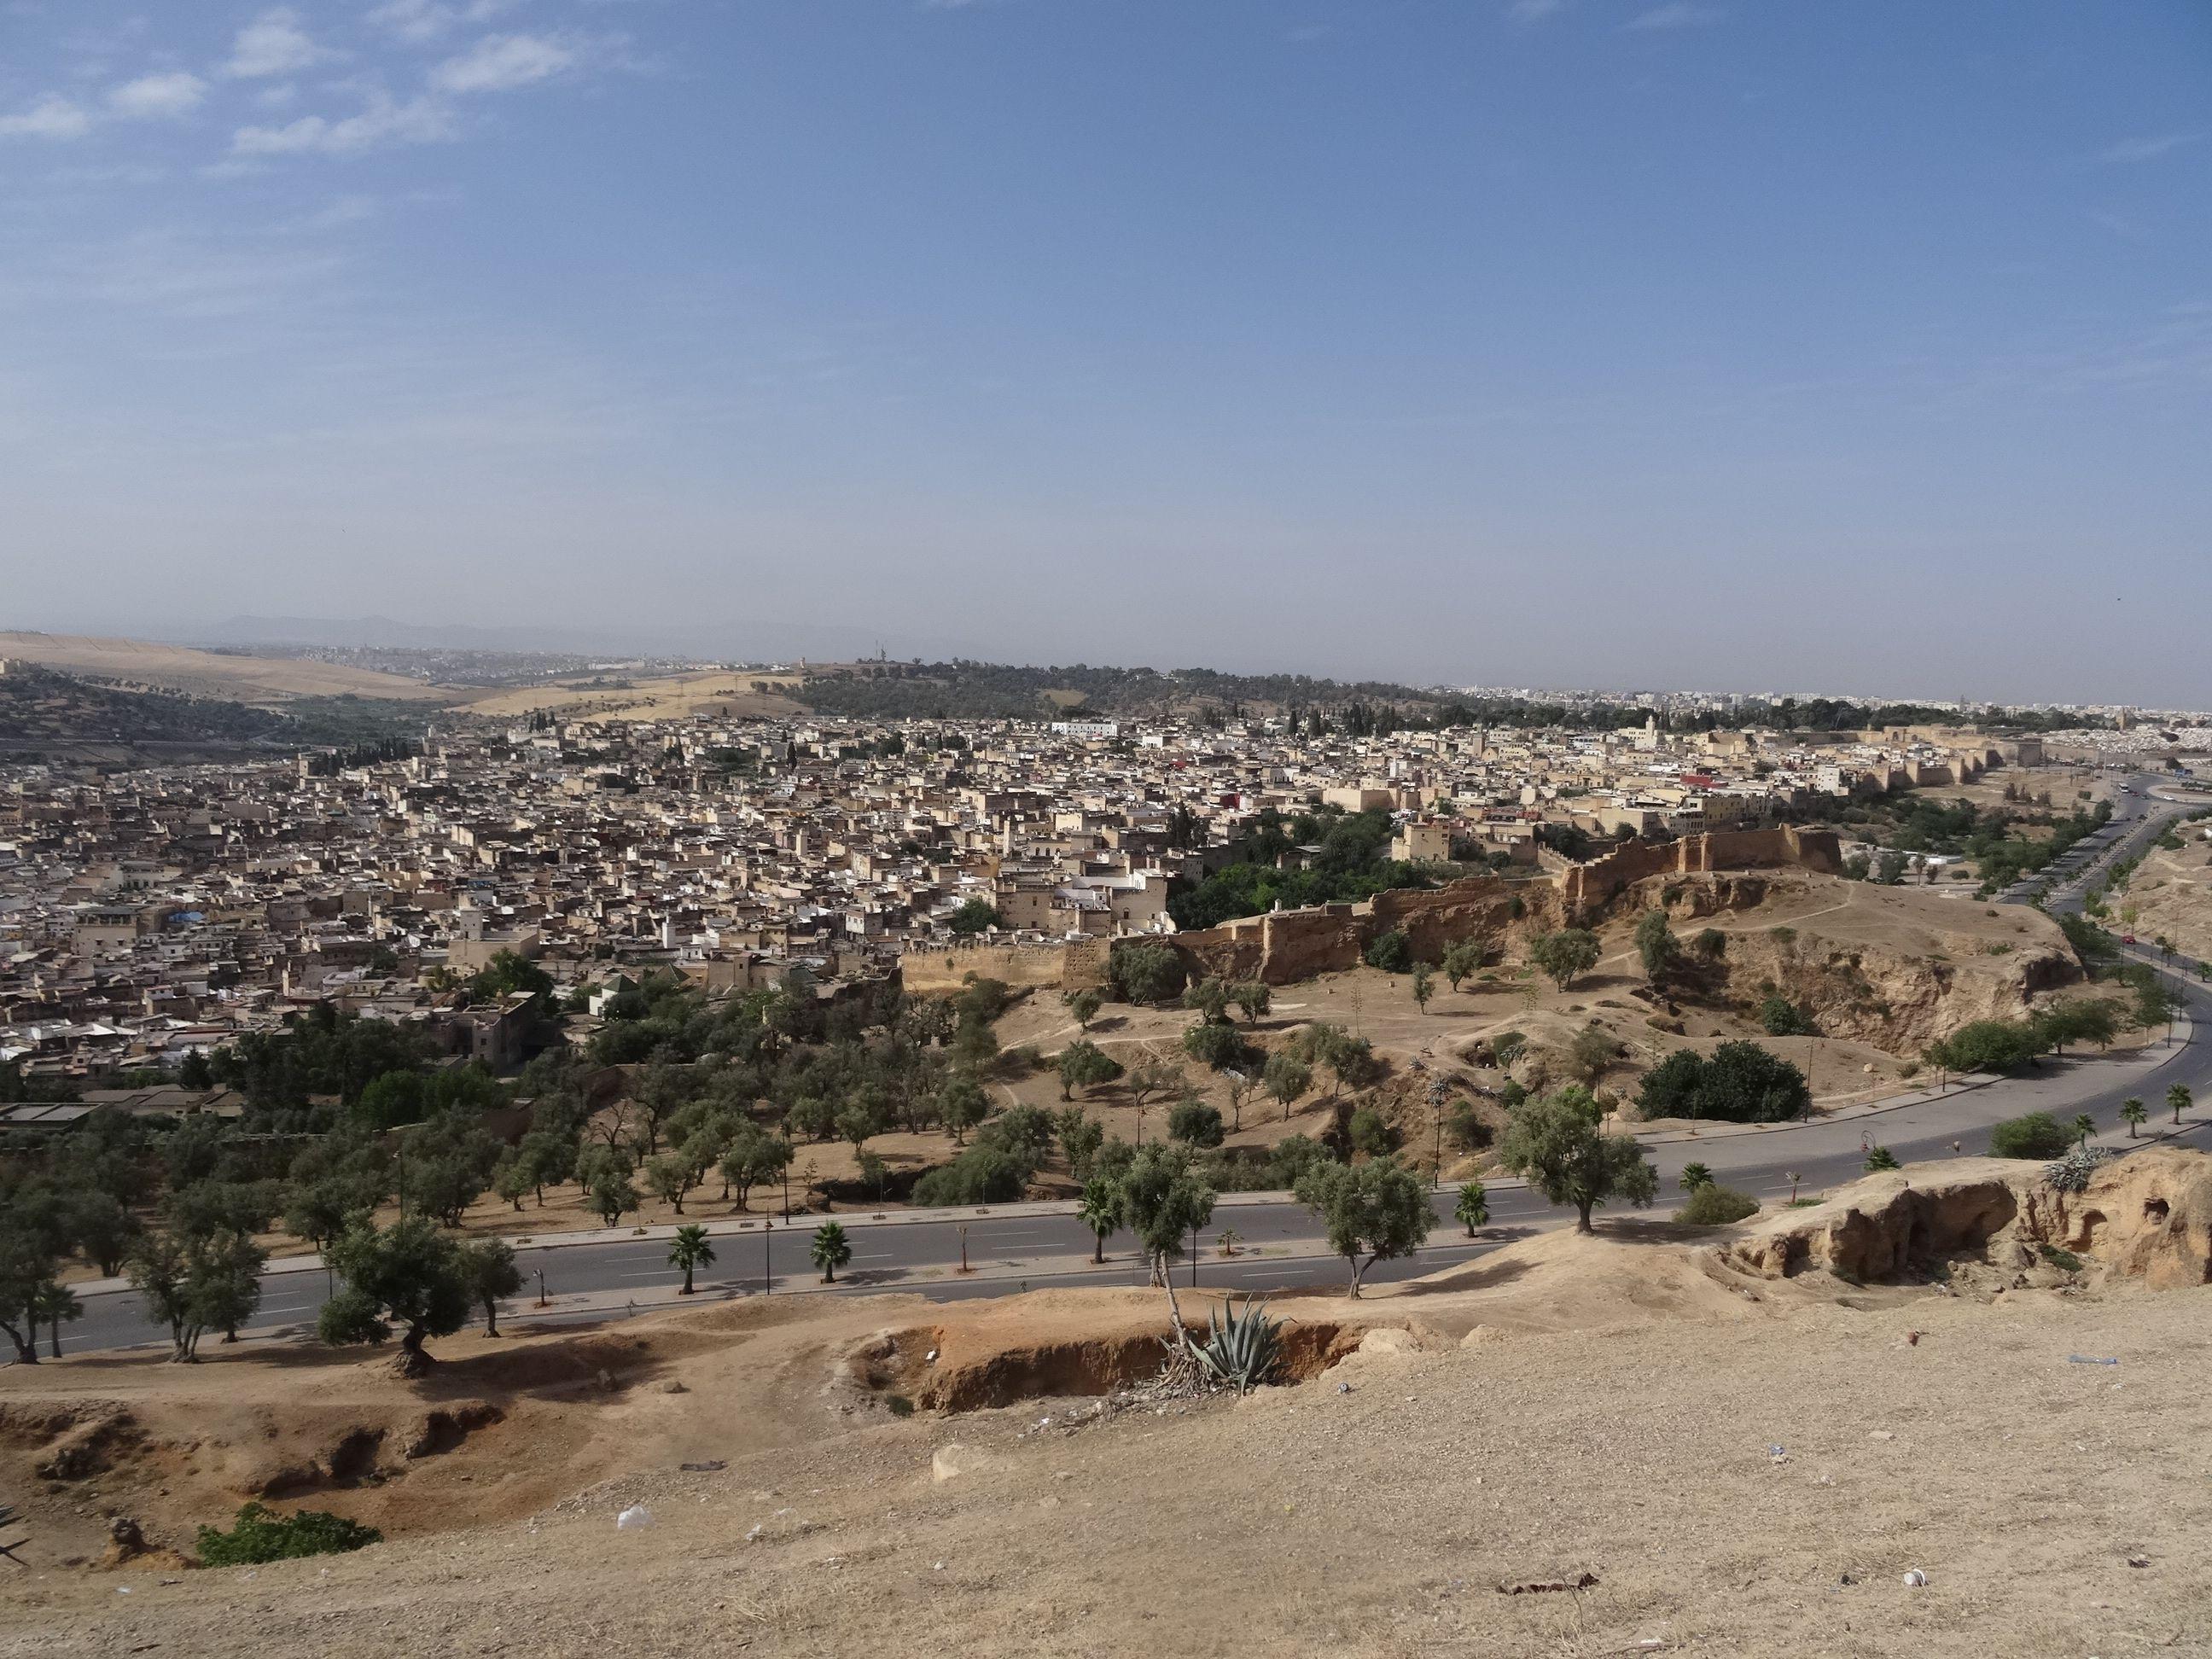 La vista de la medina desde el mirador de la estación de autobuses